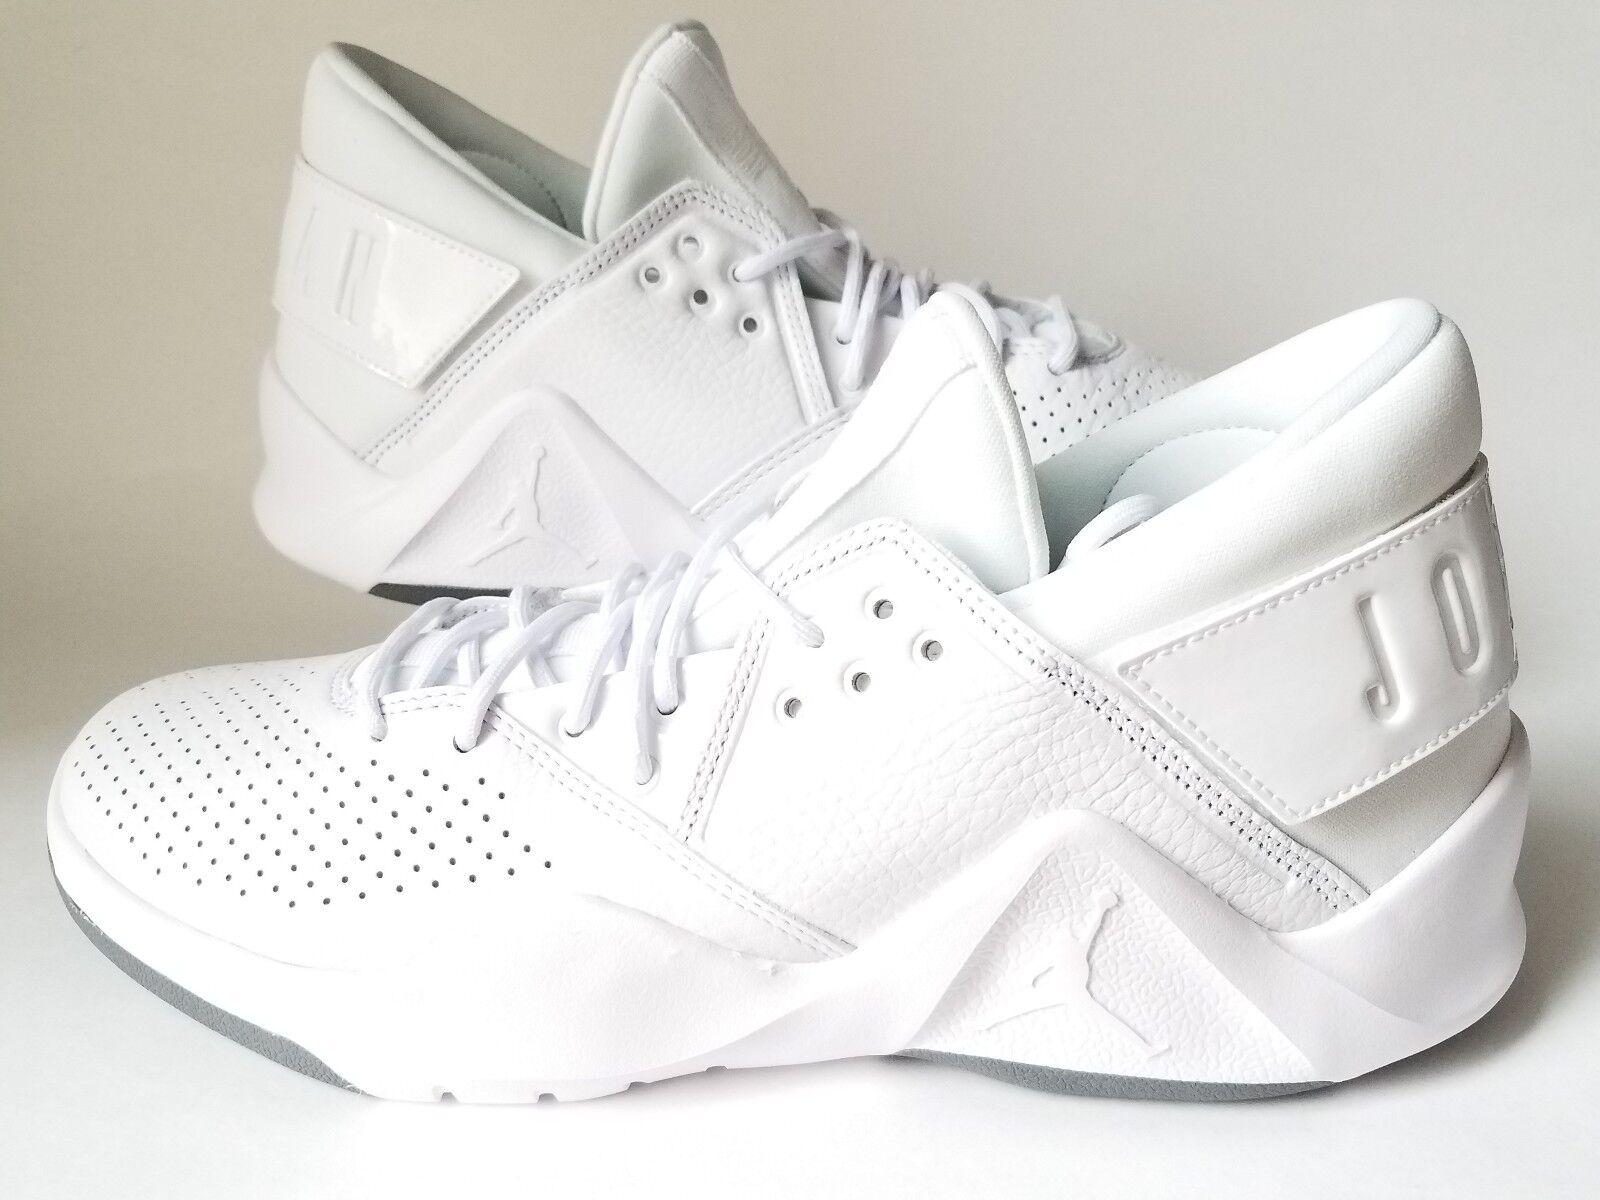 low priced e9ef2 ba4b0 Nike Jordan Flight Fresh PREM Premium Low White White White Men Basketball  shoes size 10 614bbc